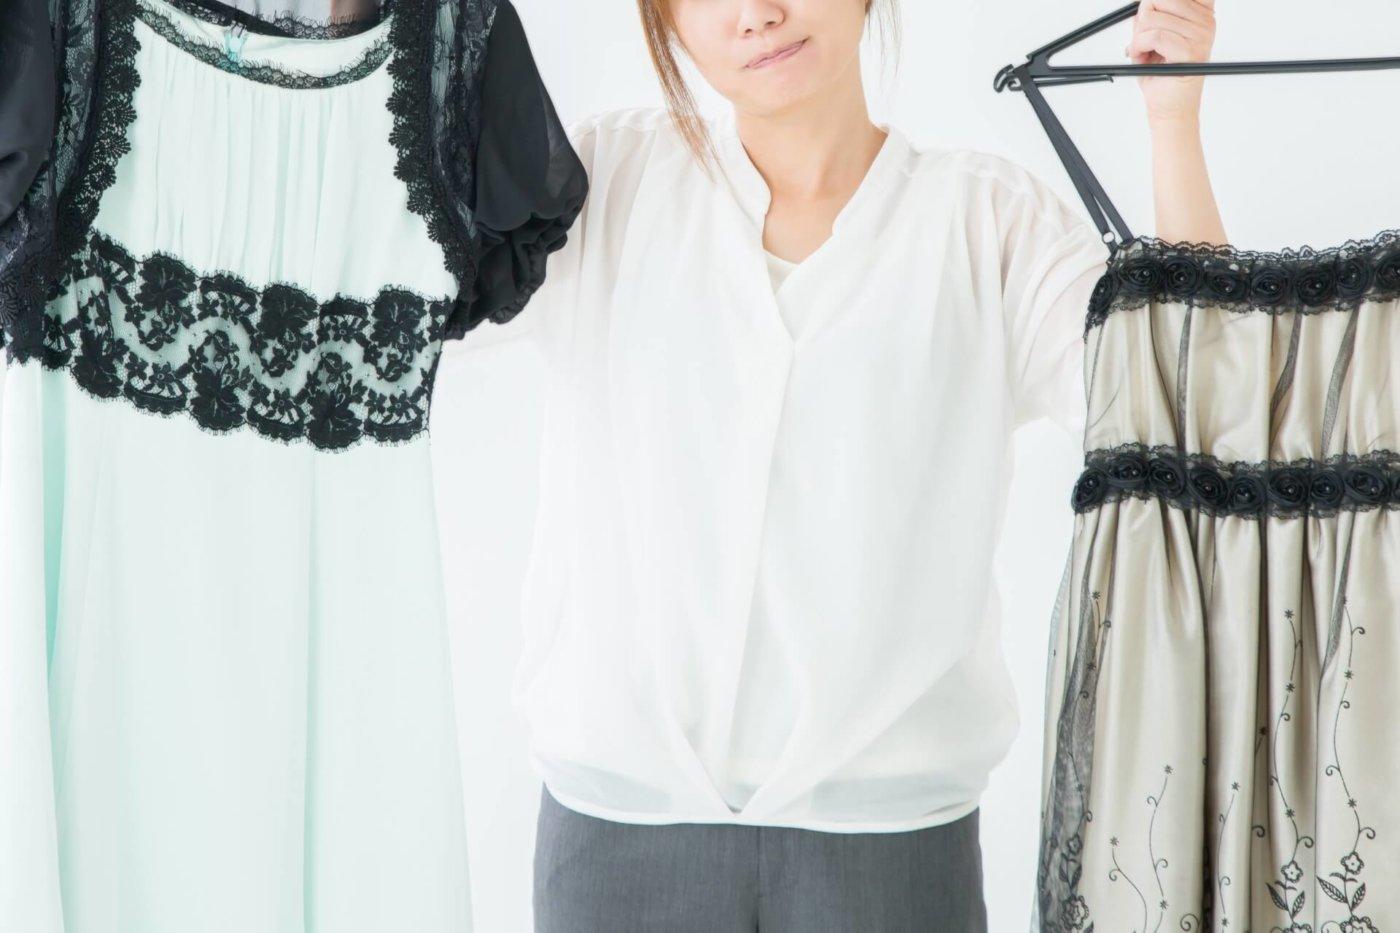 同窓会で着るべきドレスのデザインと着こなしは?